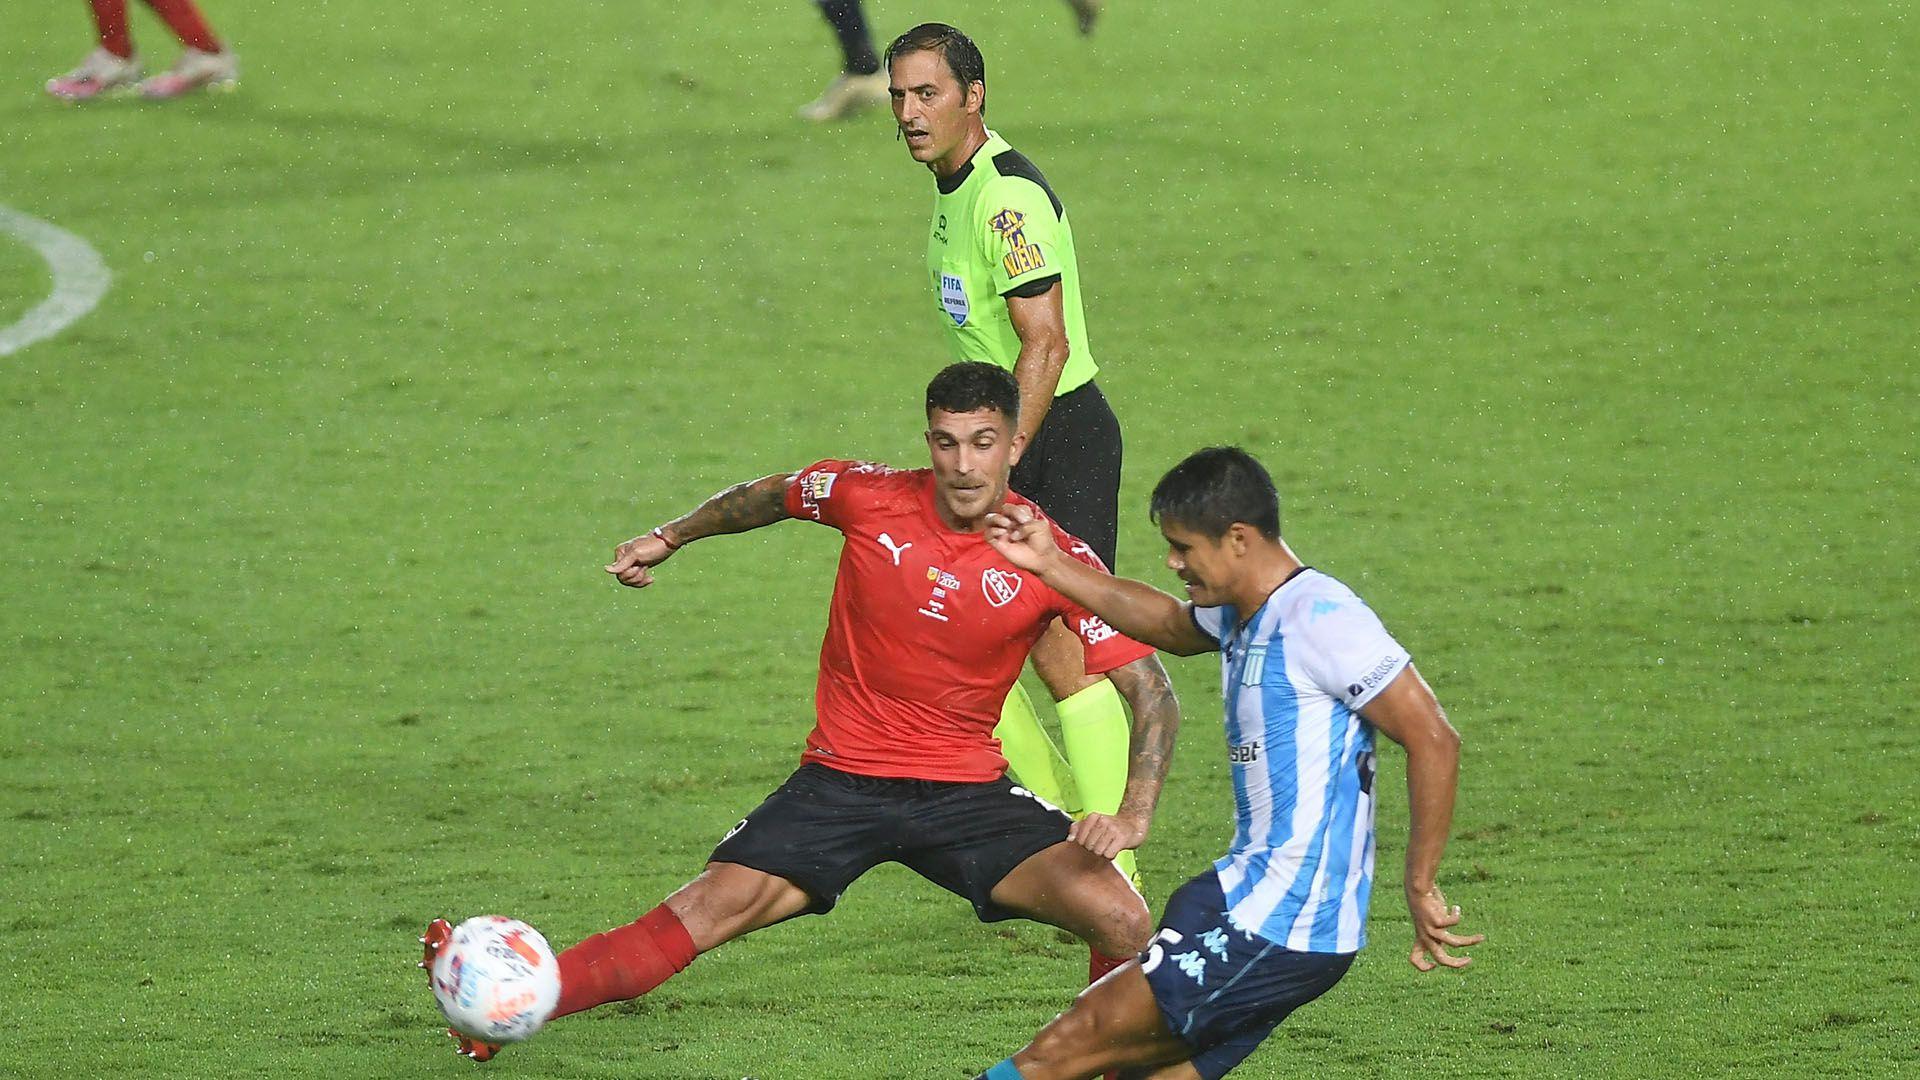 Mauro Vigliano en Racing vs Independiente